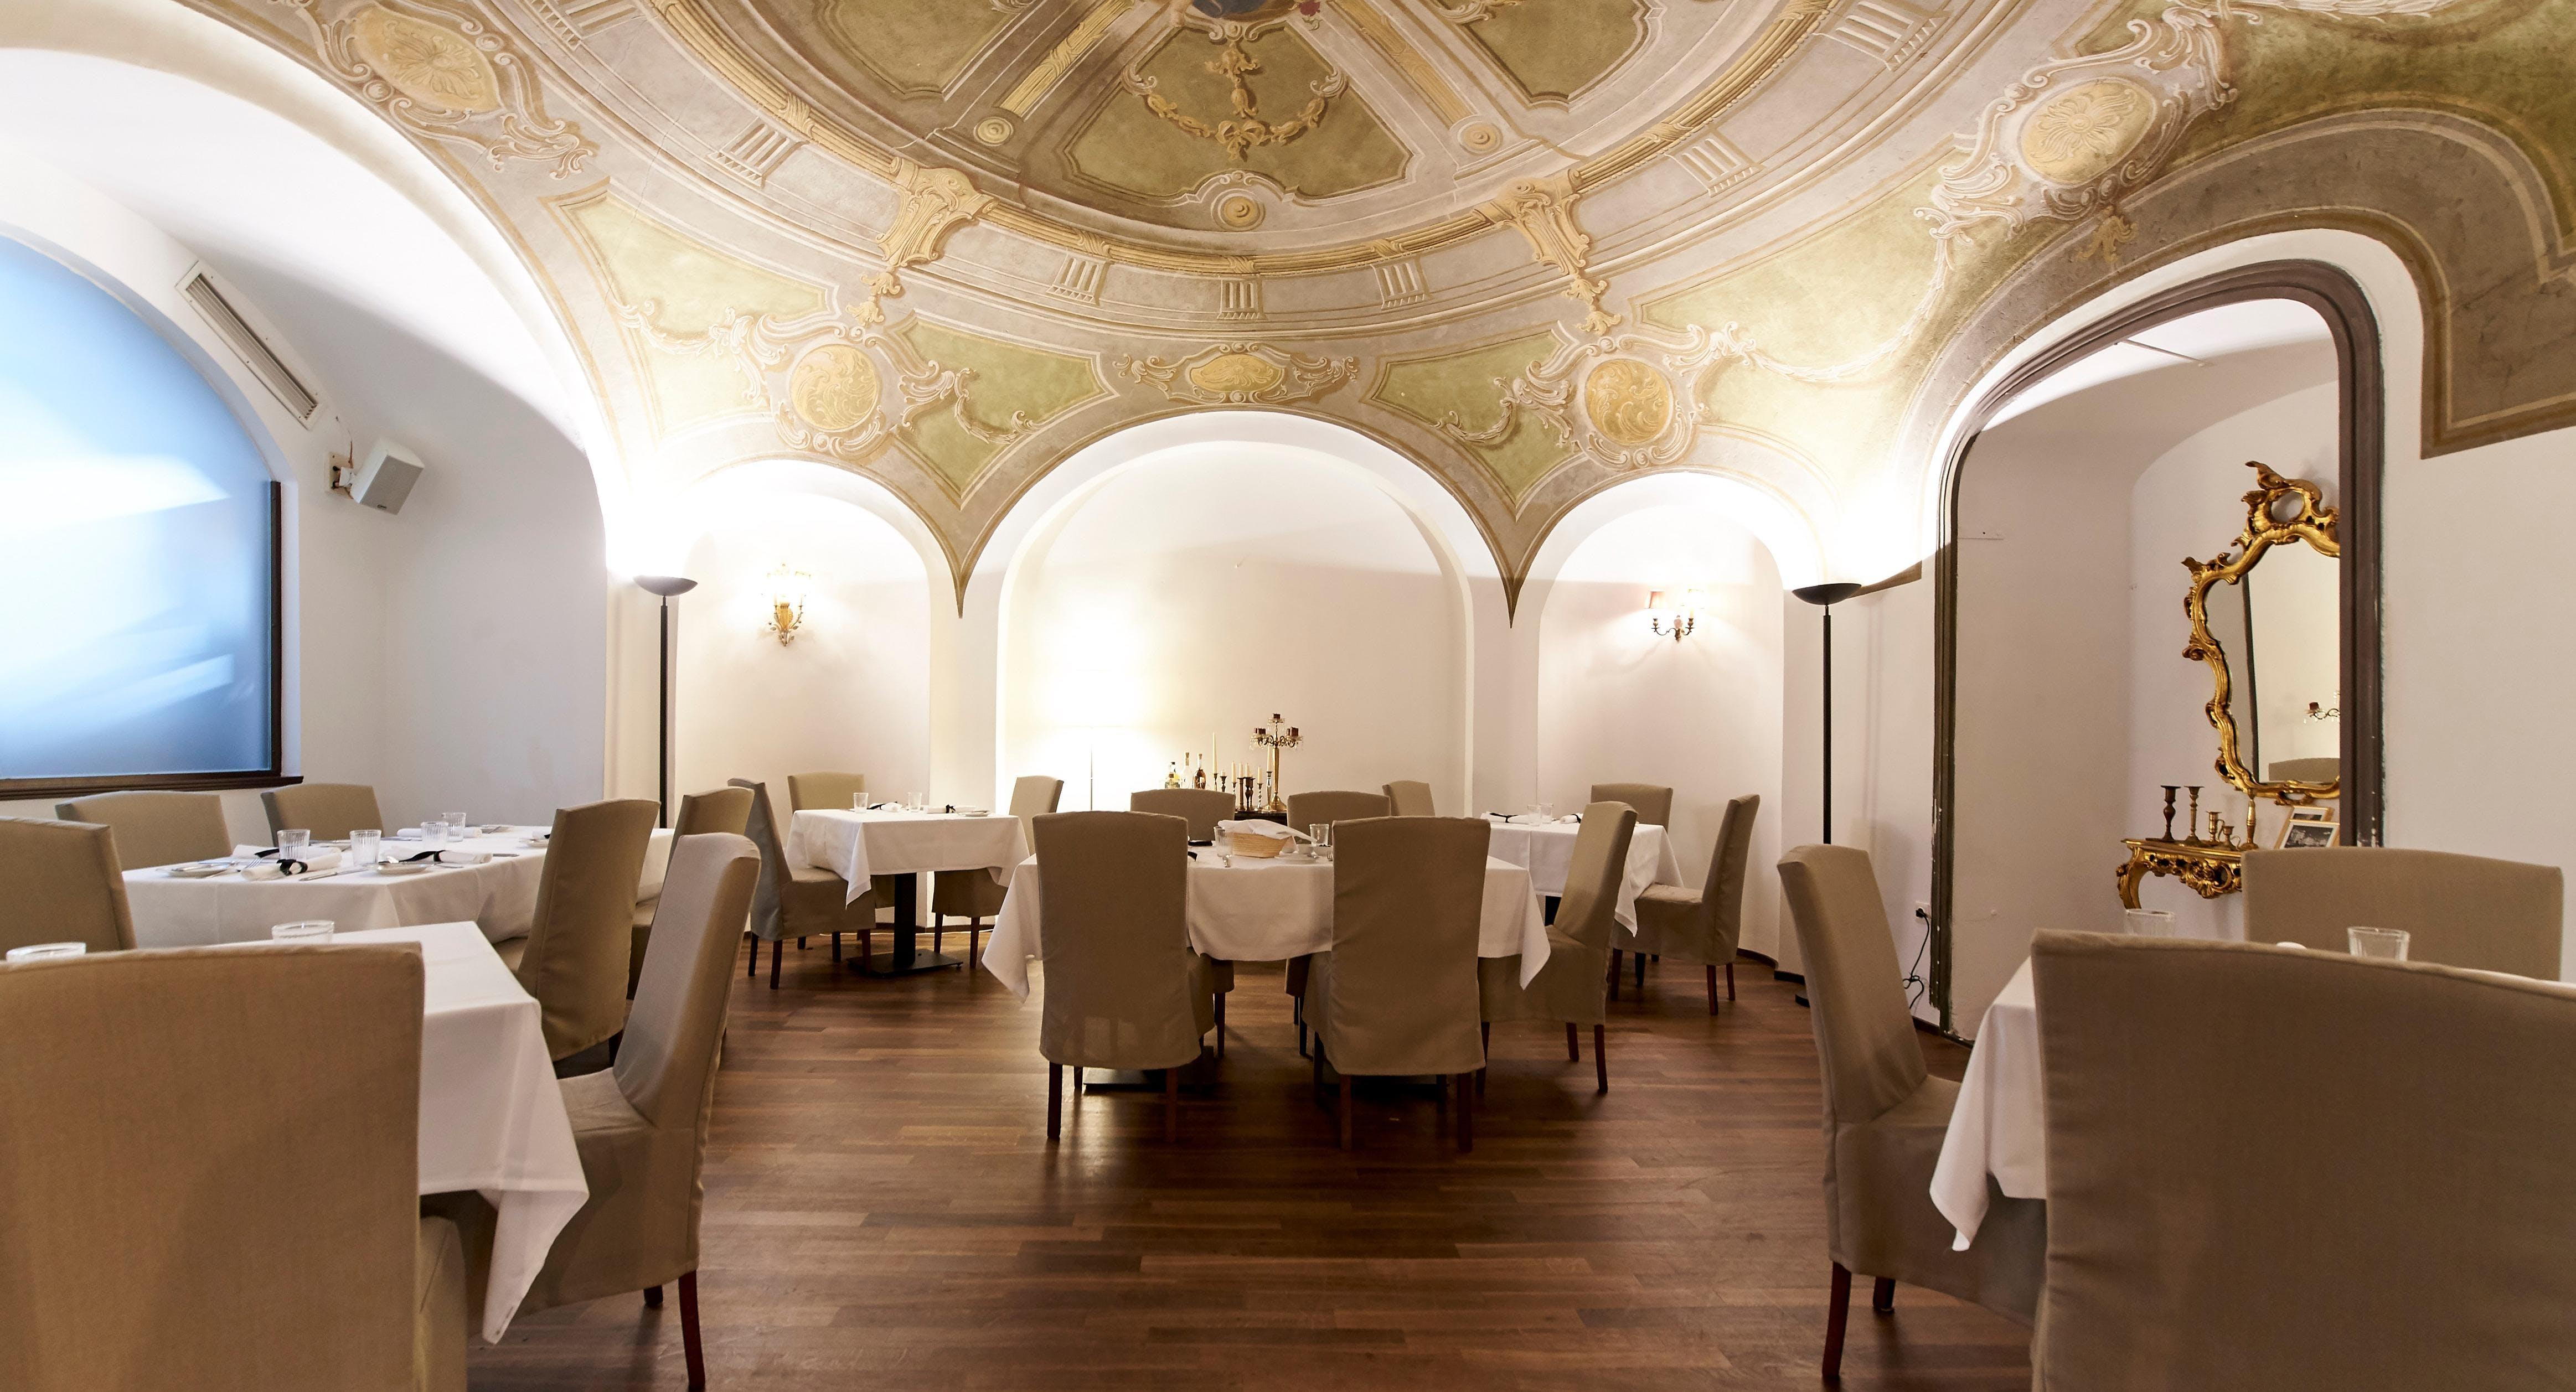 Restaurant Schubert Vienna image 1